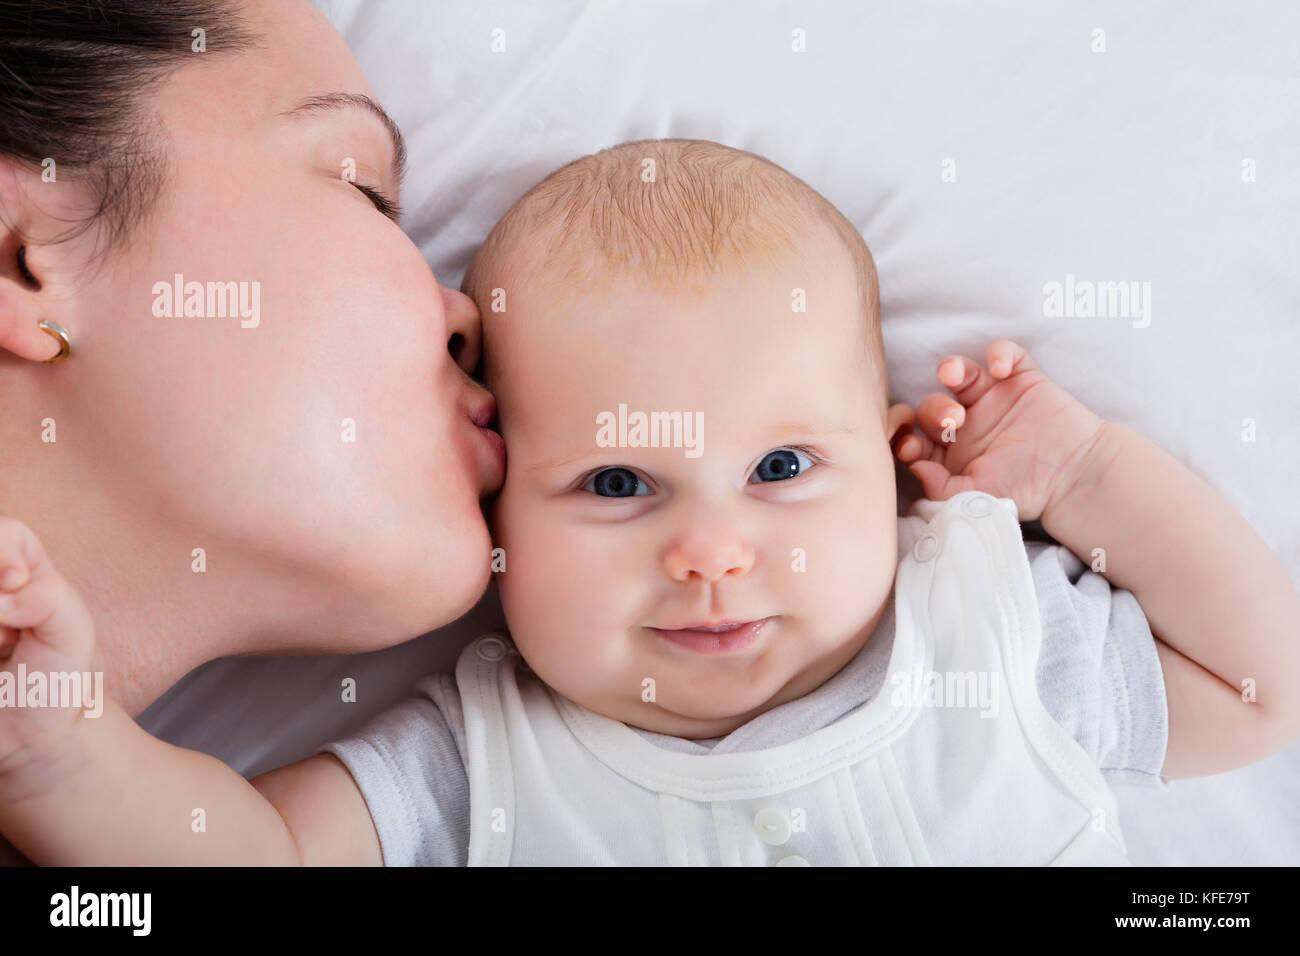 Close-up de una madre besando a su bebé en frente Imagen De Stock